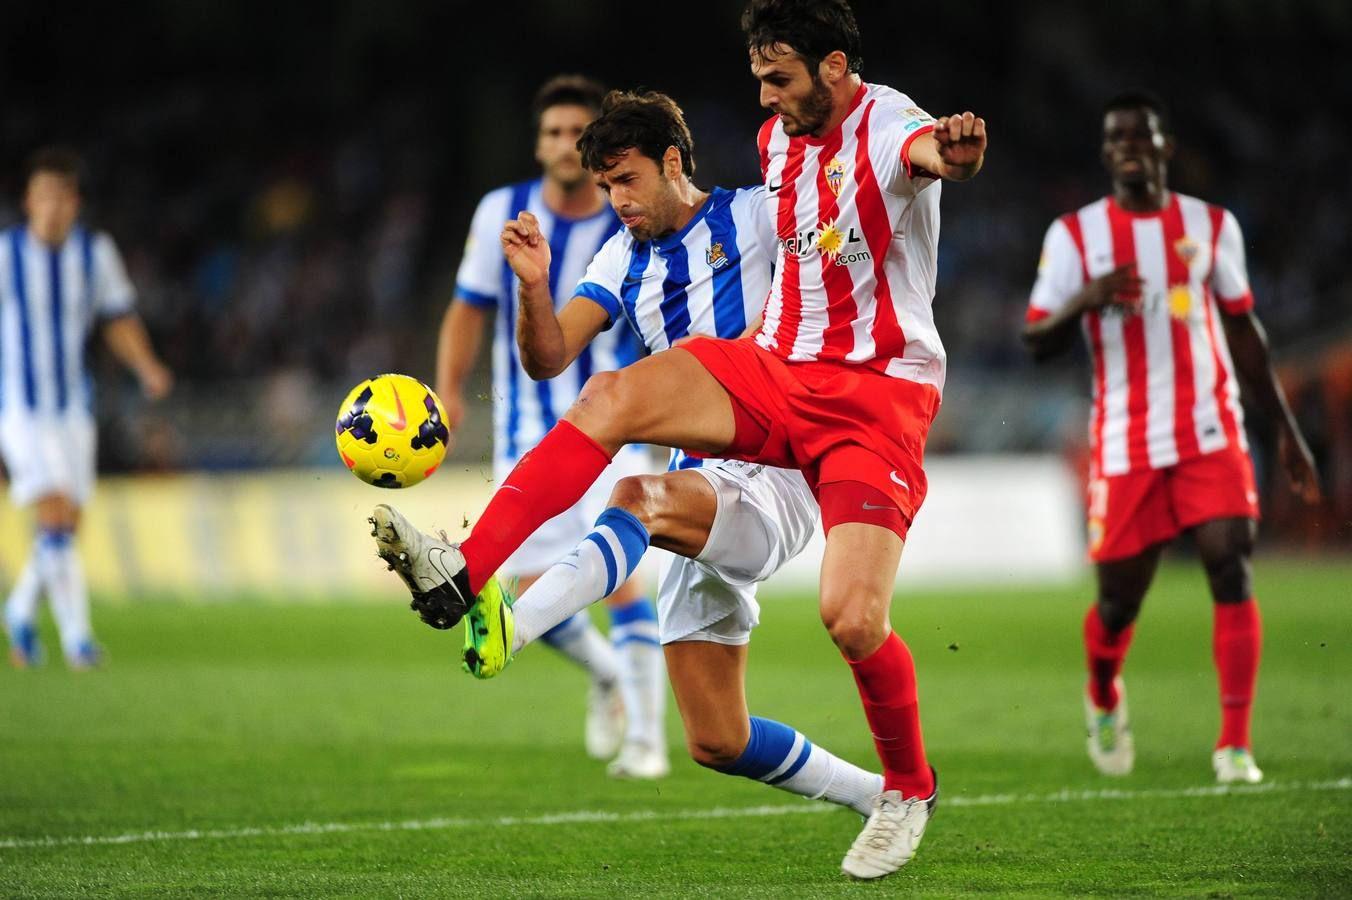 Temporada 2013 14 Futbol En Vivo Futbol Espanol Y Almeria